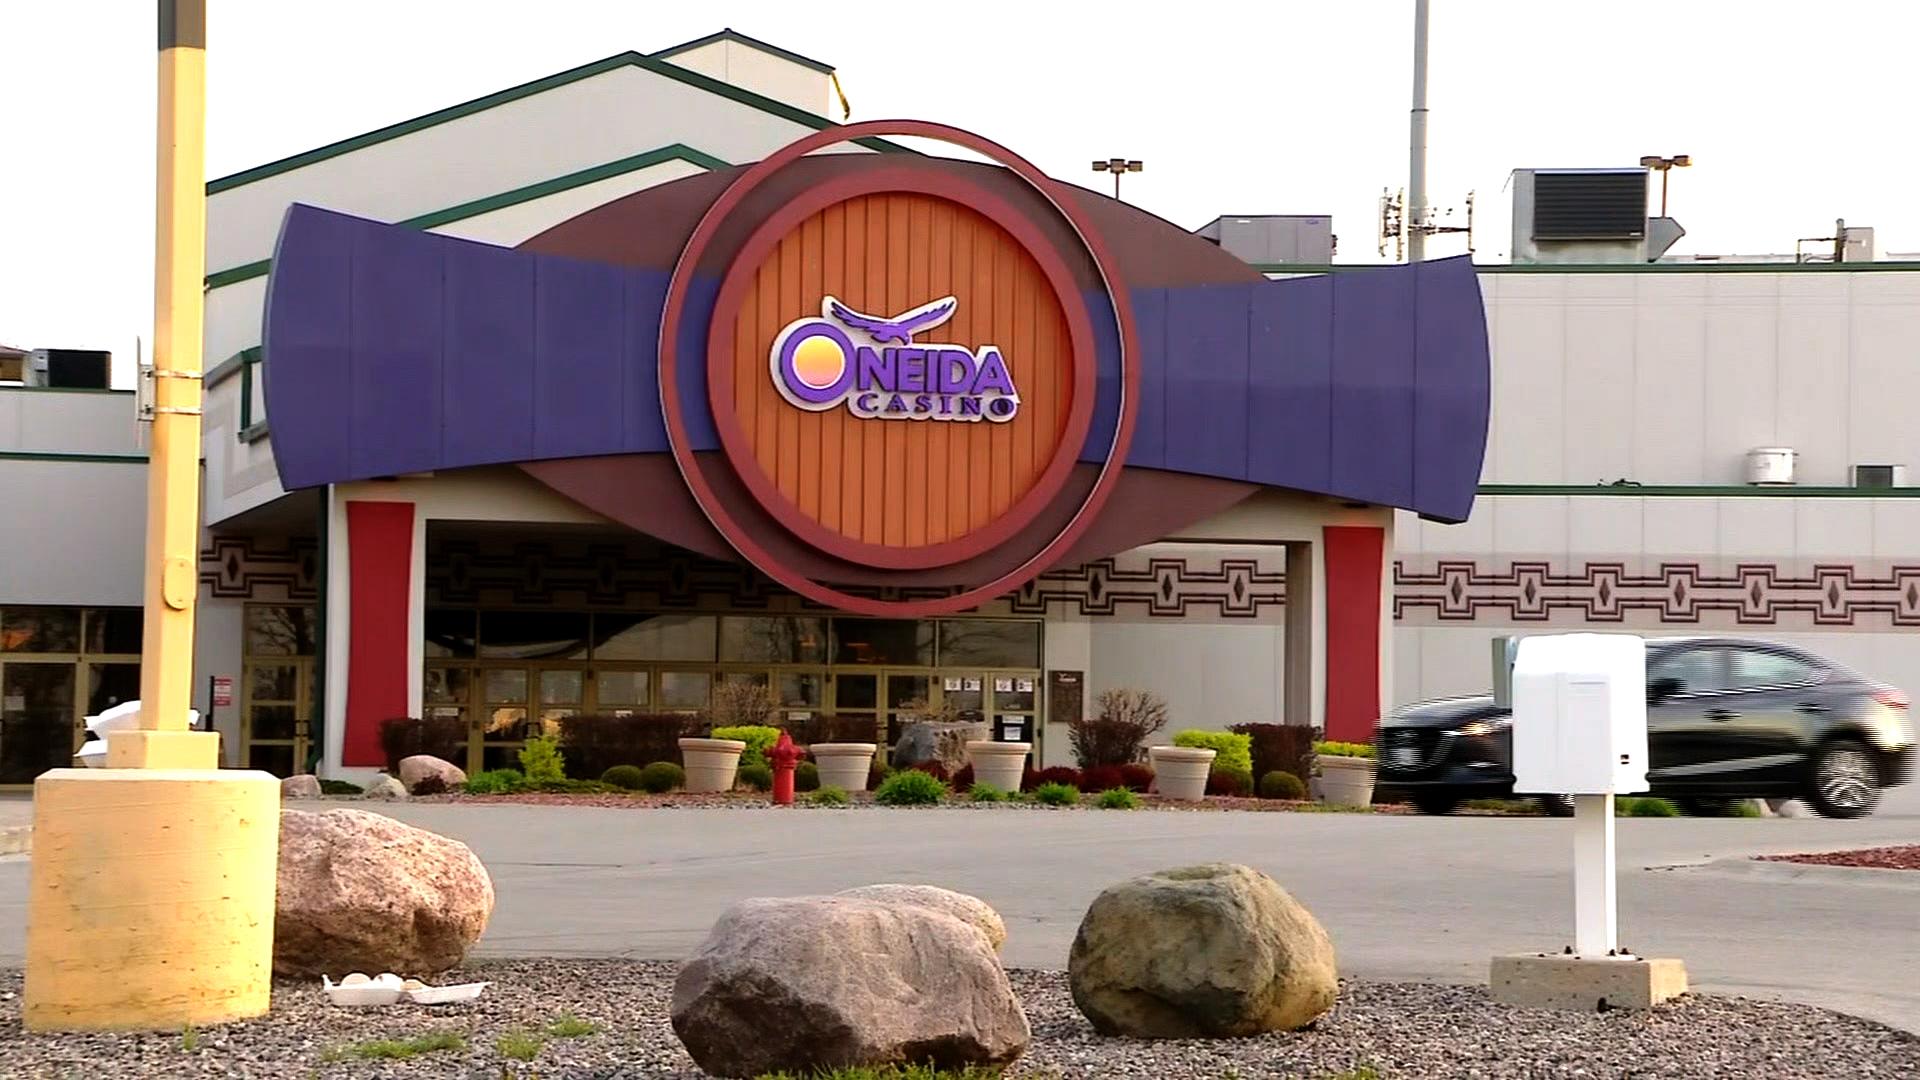 Taruhan olahraga Di Oneida Casino Diundur Karena Keterlambatan Peralatan